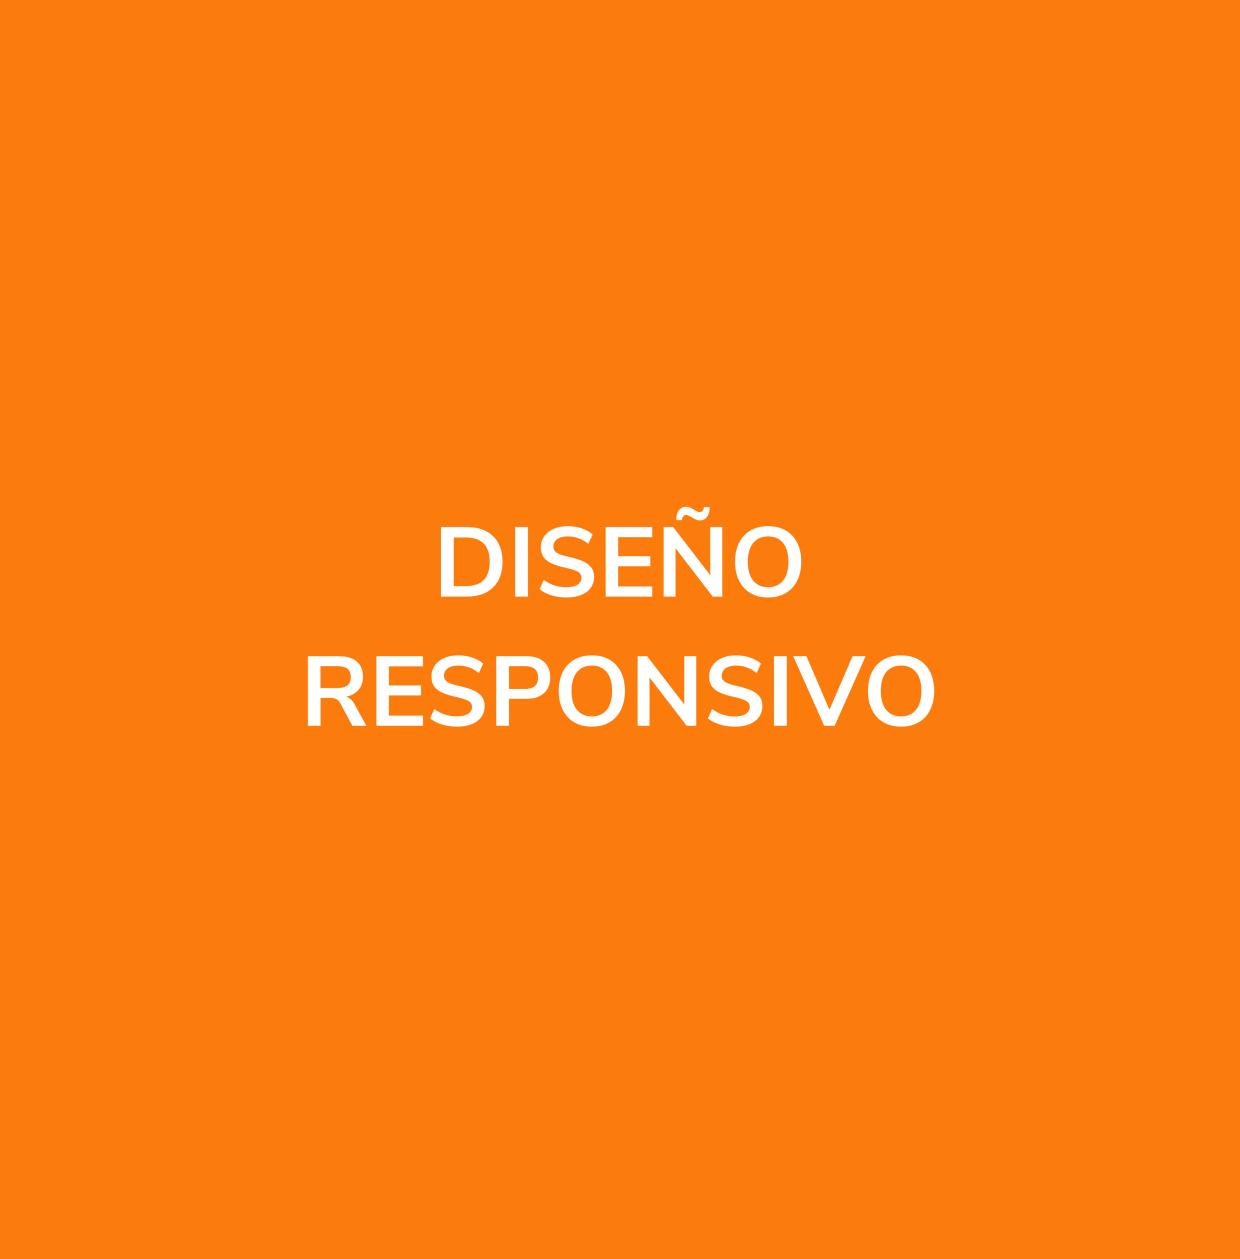 Diseño Responsive - qué incluye web